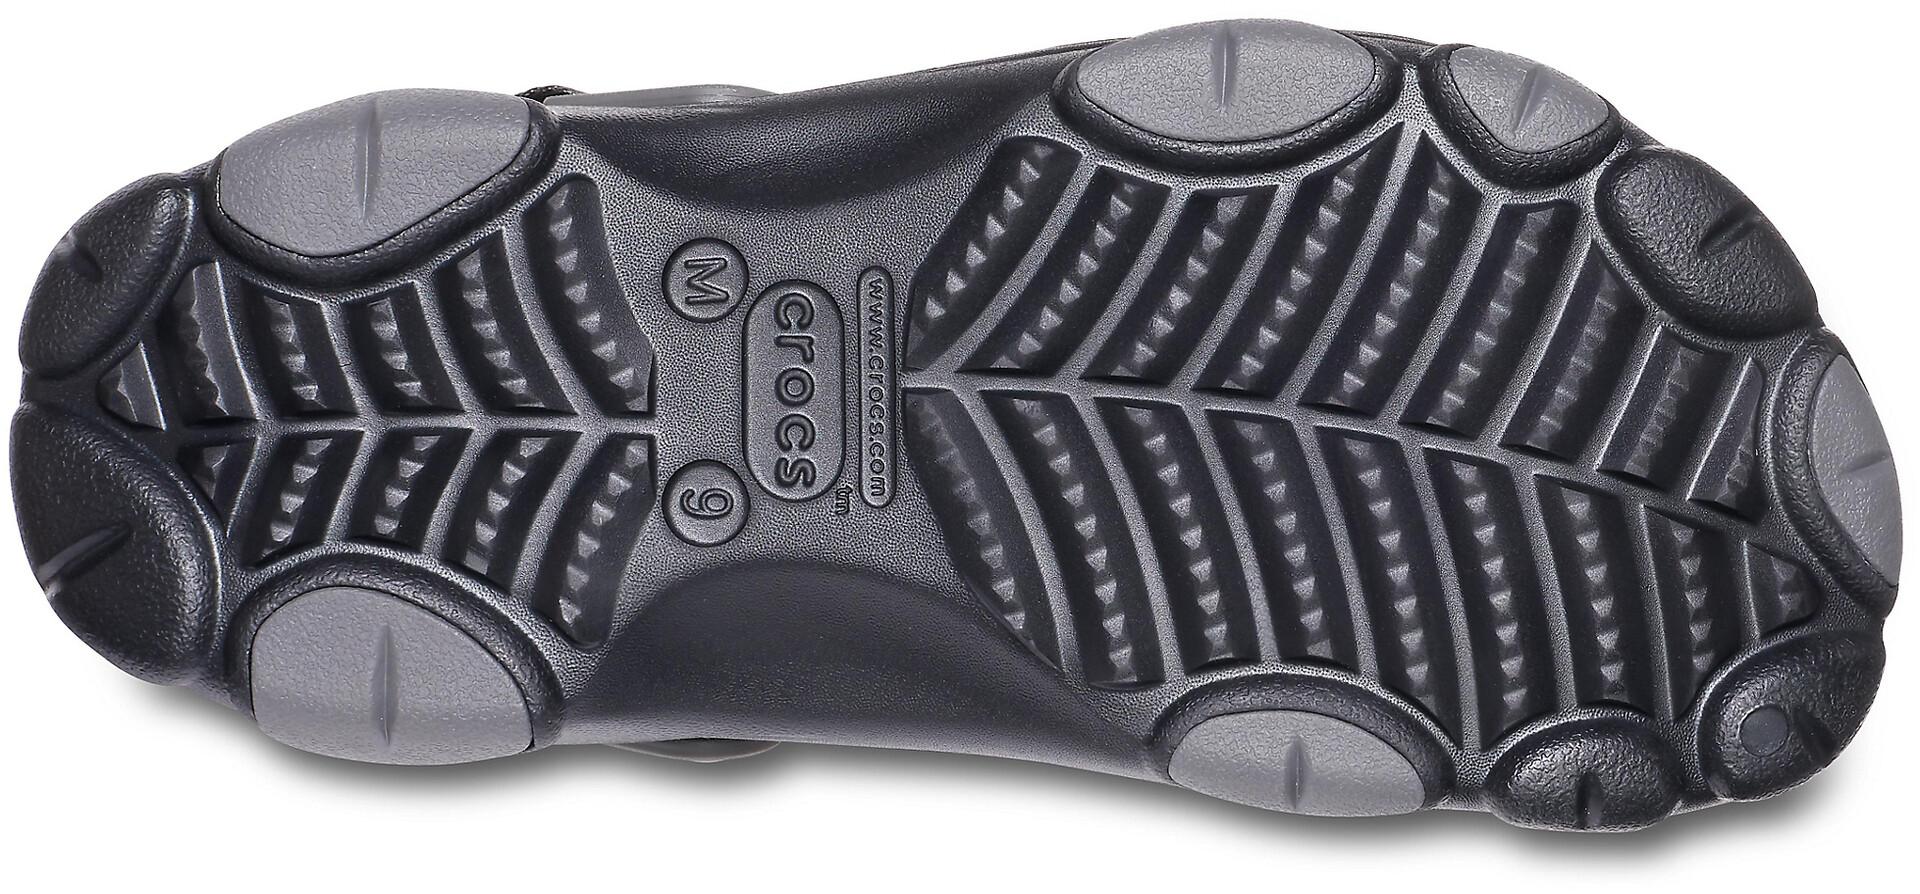 Crocs Classic All Terrain Zoccoli, black su Addnature 8zjj4